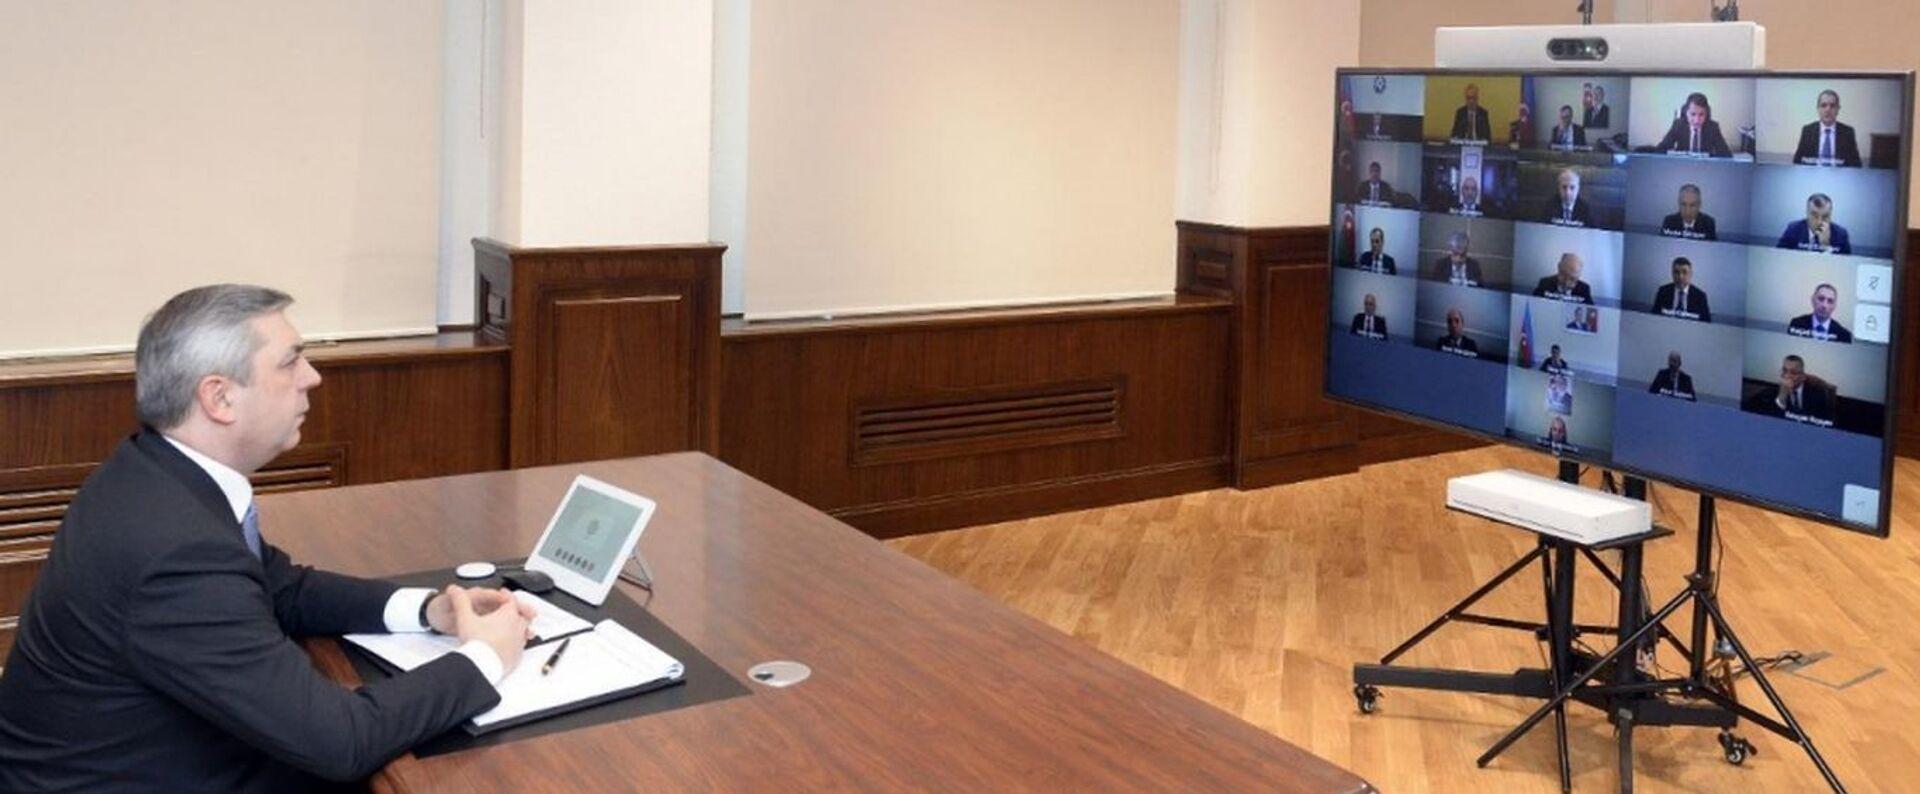 Прошло очередное заседание Координационного штаба по освобожденным территориям - Sputnik Азербайджан, 1920, 03.03.2021